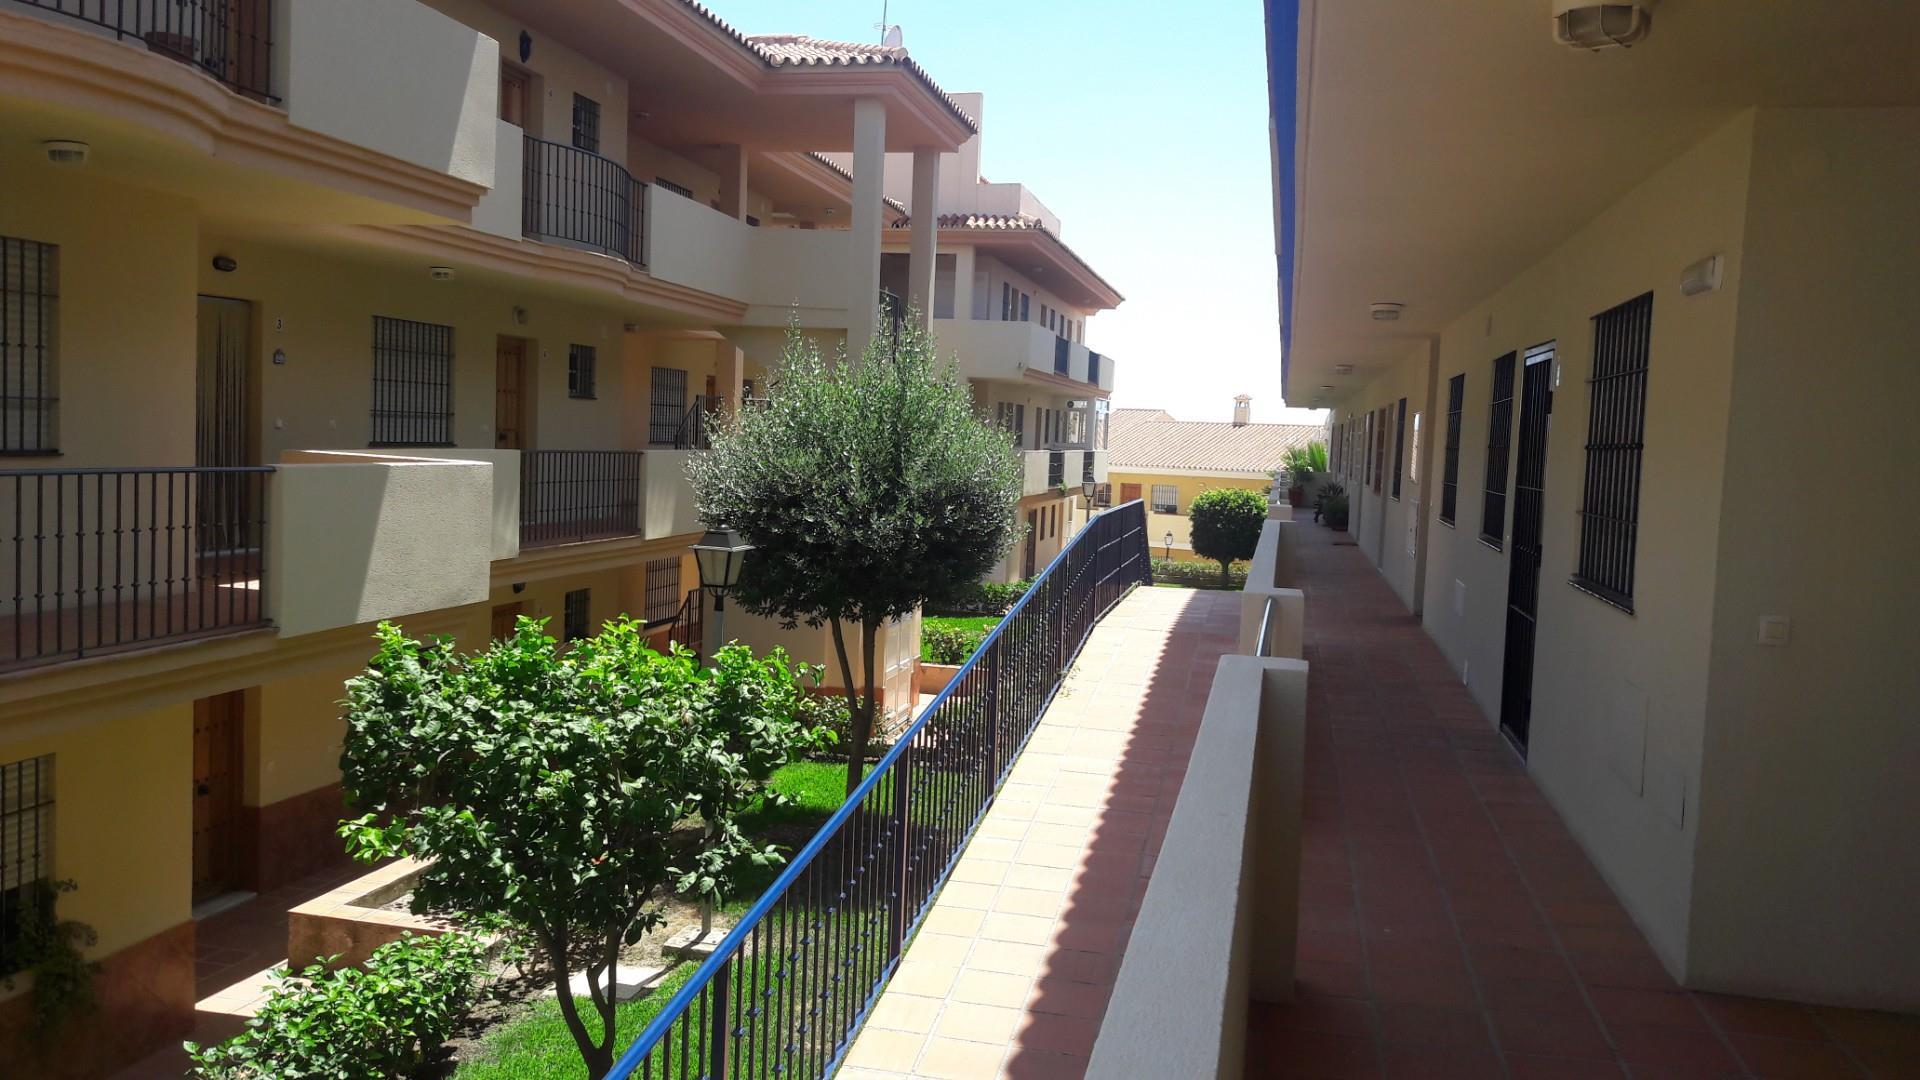 Piso de alquiler en Calle de Mijas de el Faro, 277 El Faro de Calaburra - Chaparral (Mijas, Málaga)